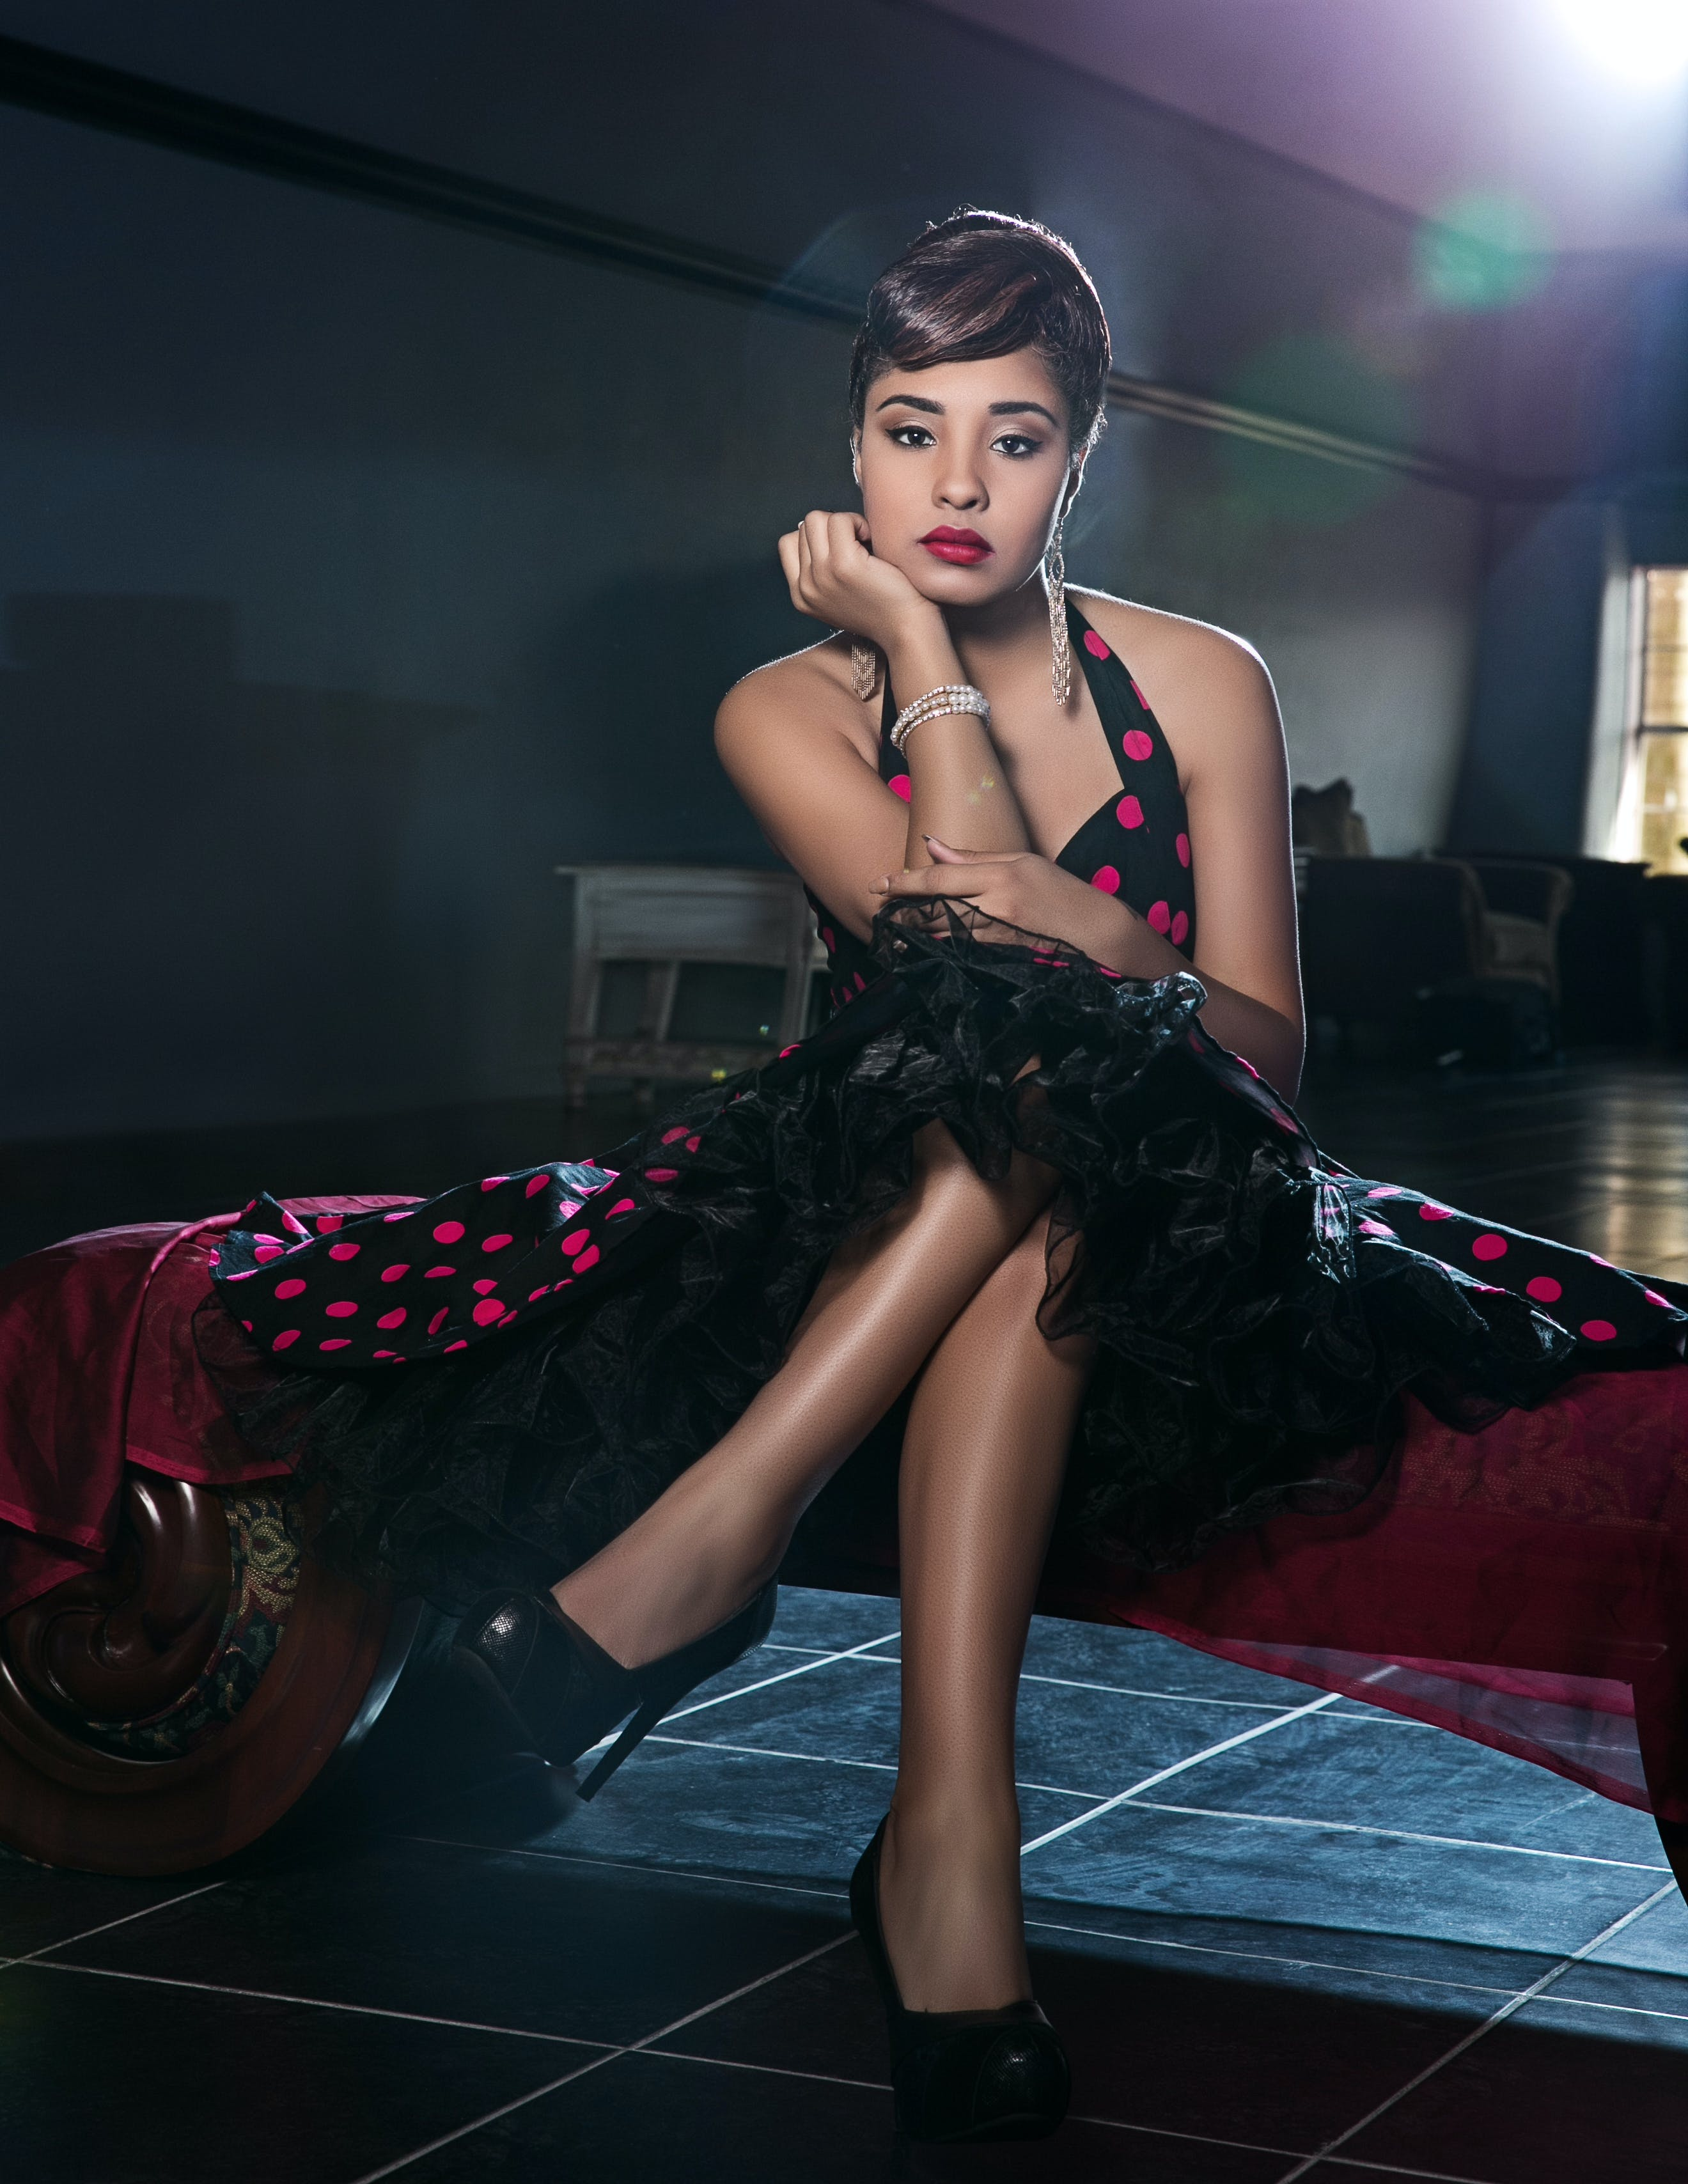 Kostenloses Stock Foto zu aufstecken, burleske, erwachsener, fashion